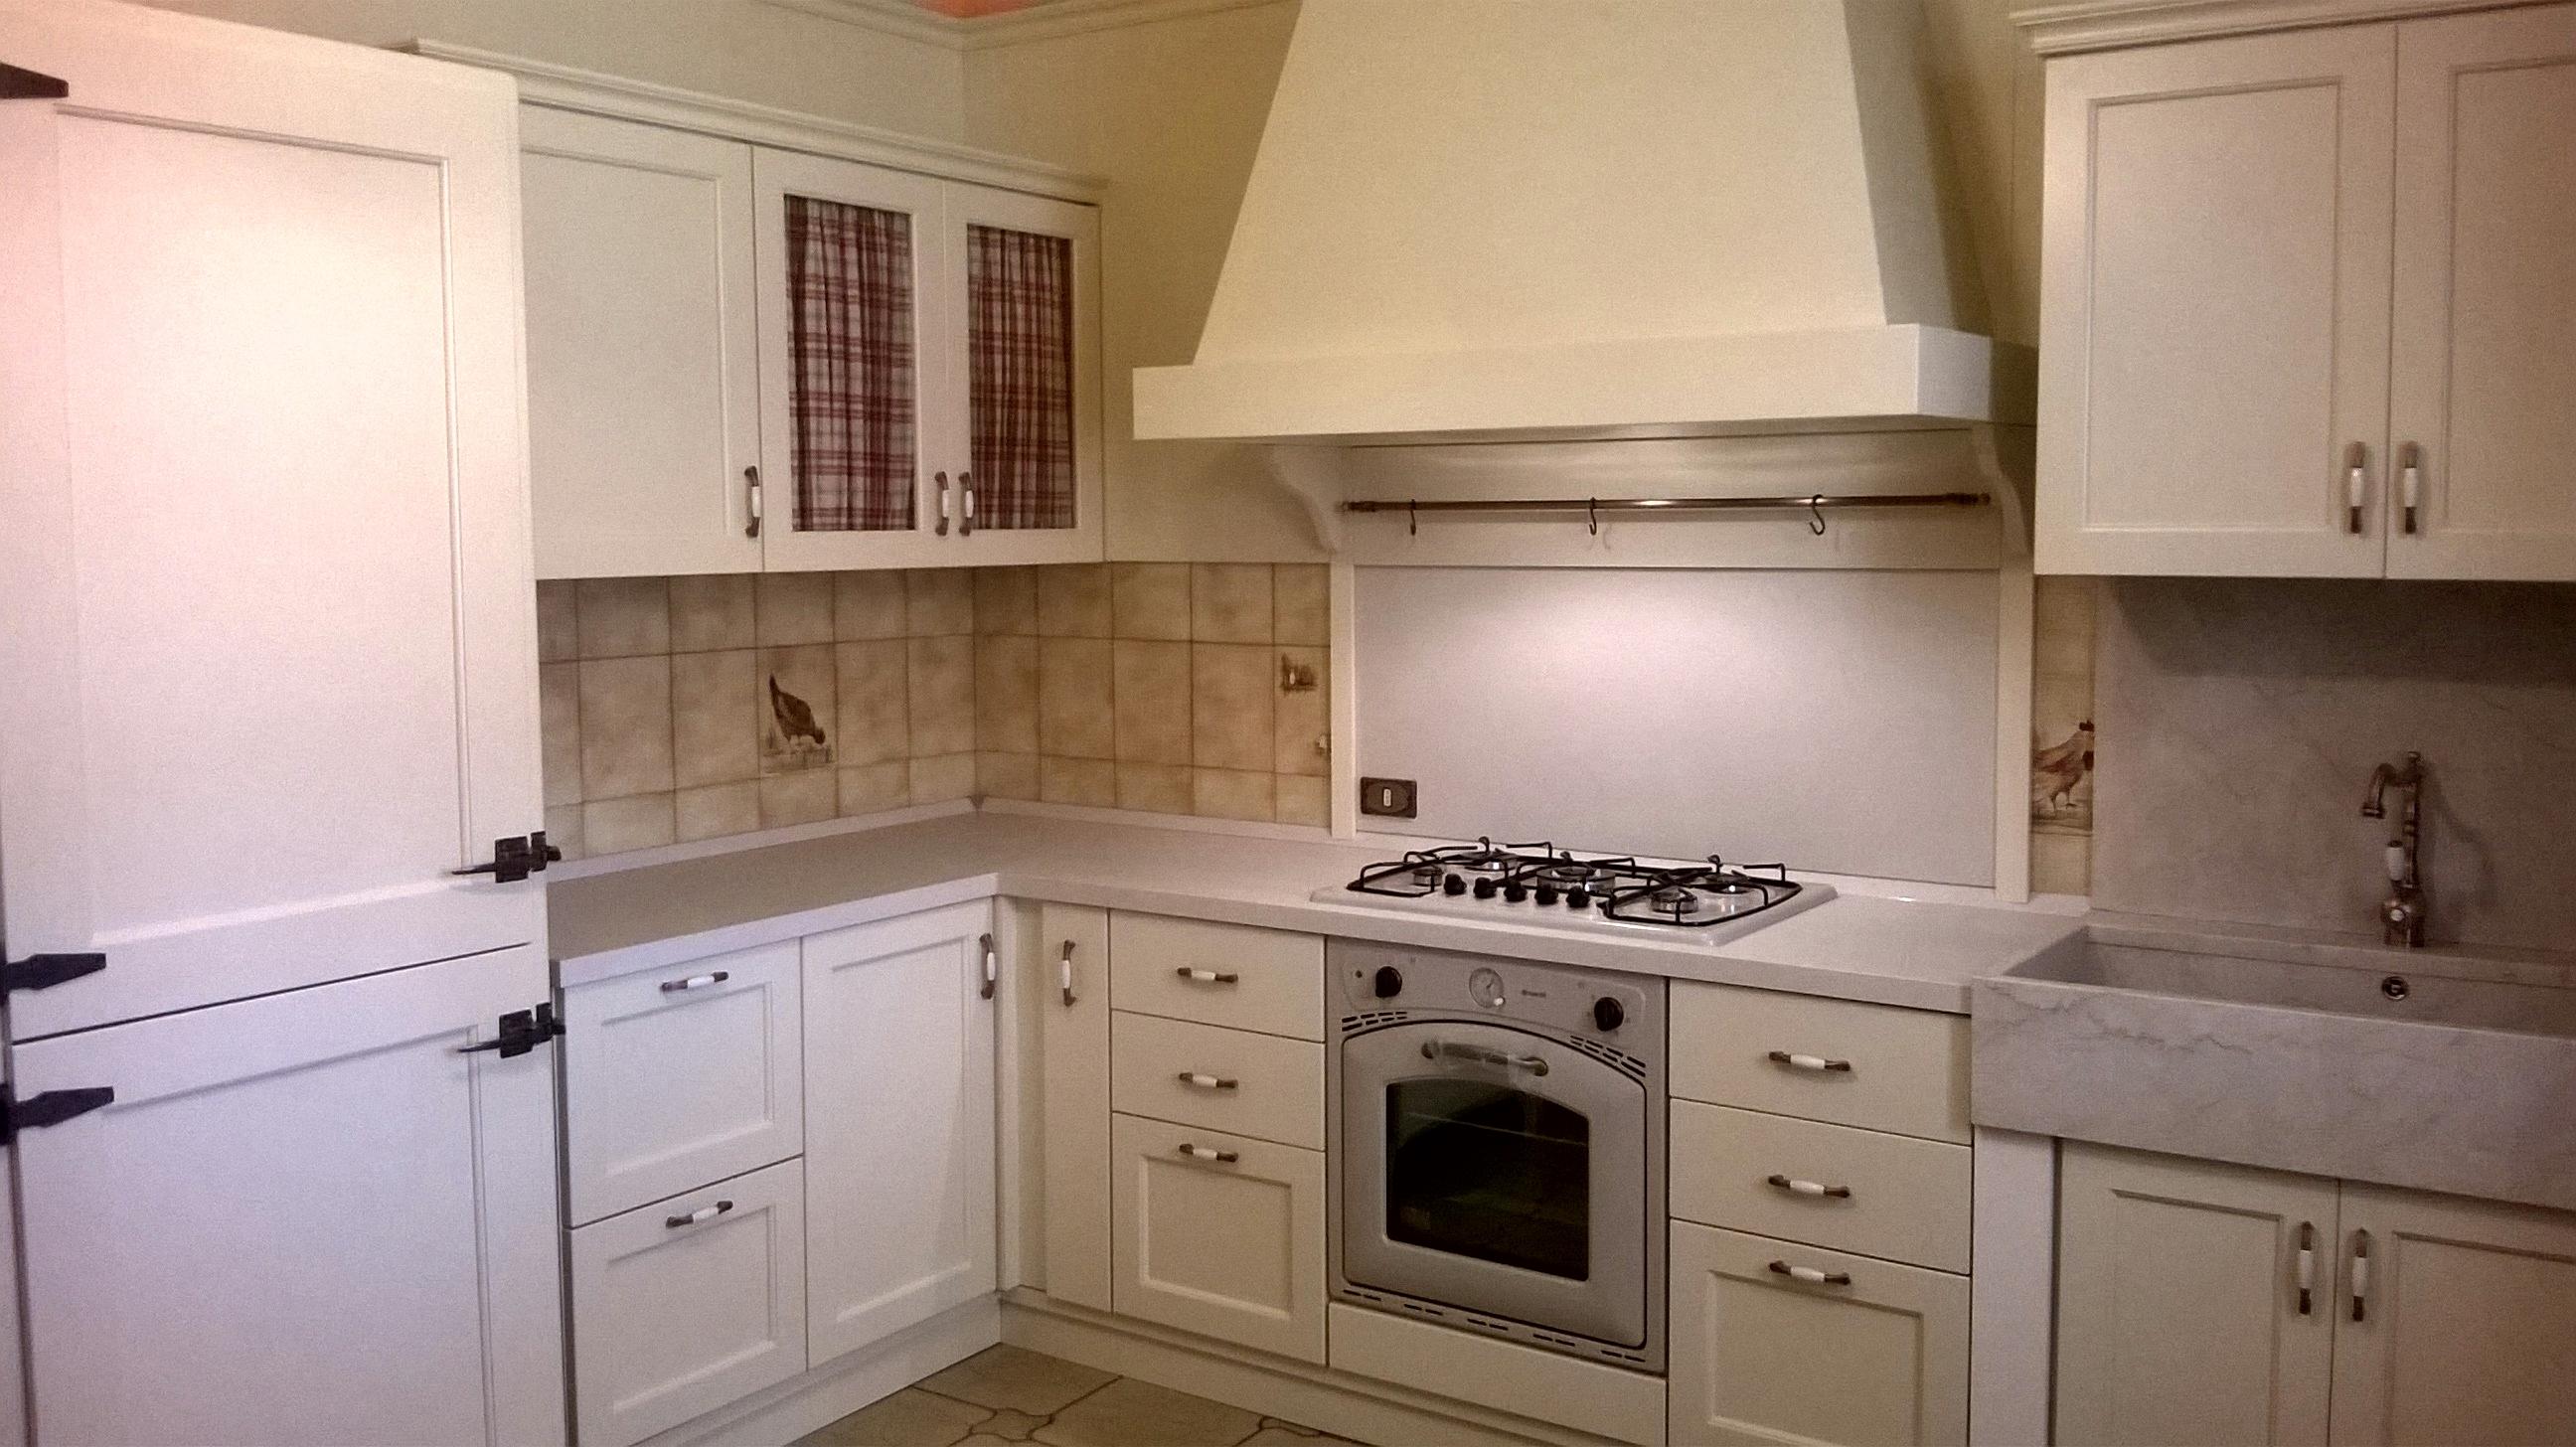 Cucine provenzali colorazioni piano lavoro qualit prezzo - Cucina qualita prezzo ...